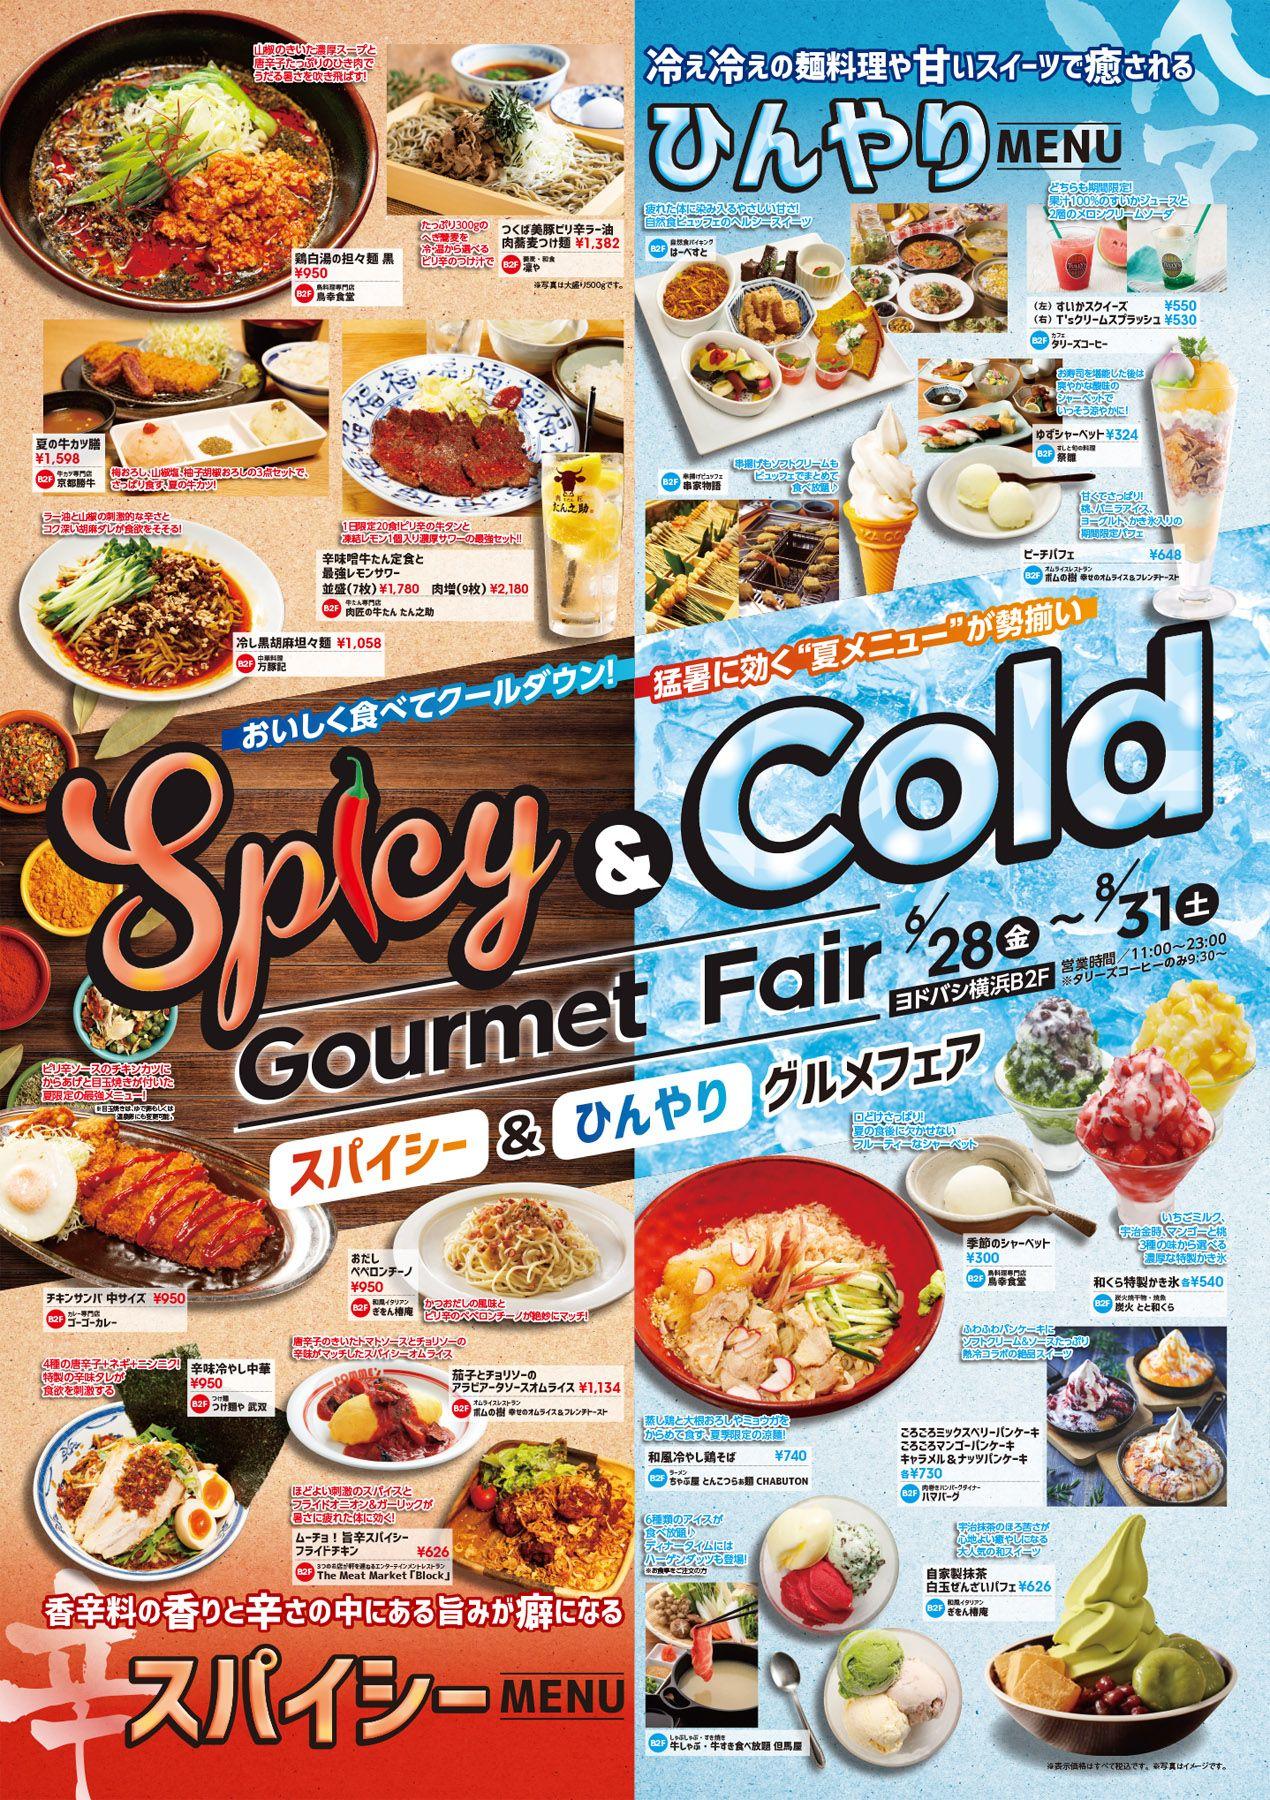 グルメ おしゃれまとめの人気アイデア Pinterest 8kata2705 グルメ 飲食 レシピ